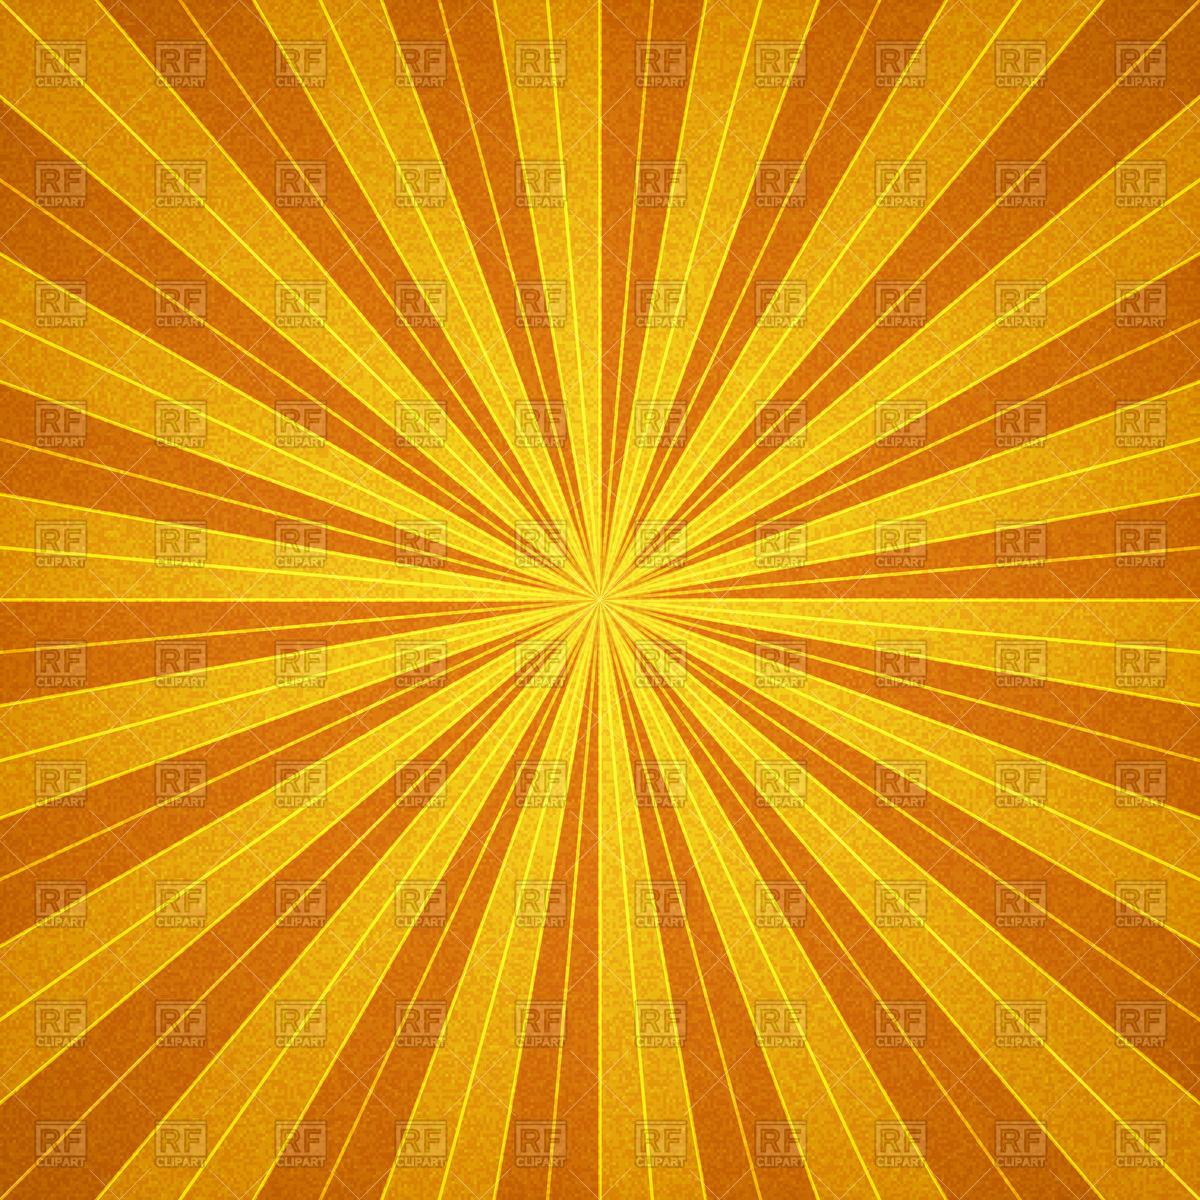 Similiar Sunbeam Clip Art Keywords.